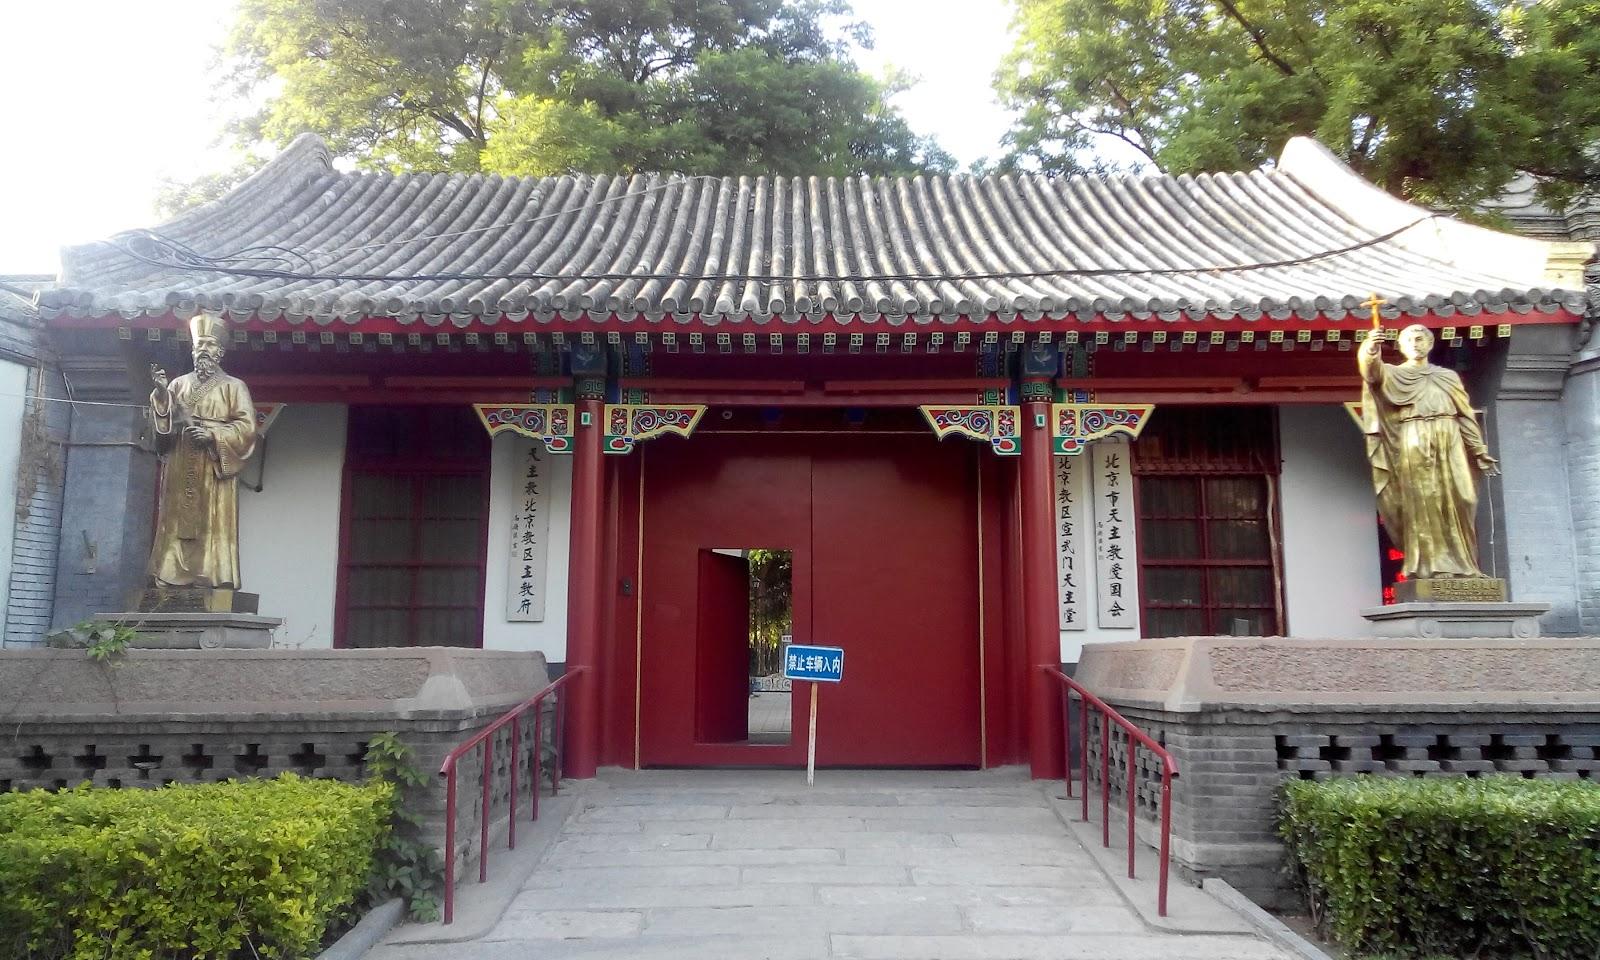 Trung quốc: Tòa Thánh, nước Cộng hòa Nhân dân Trung hoa, đạt Thỏa thuận Tạm thời về việc Bổ nhiệm Giám mục